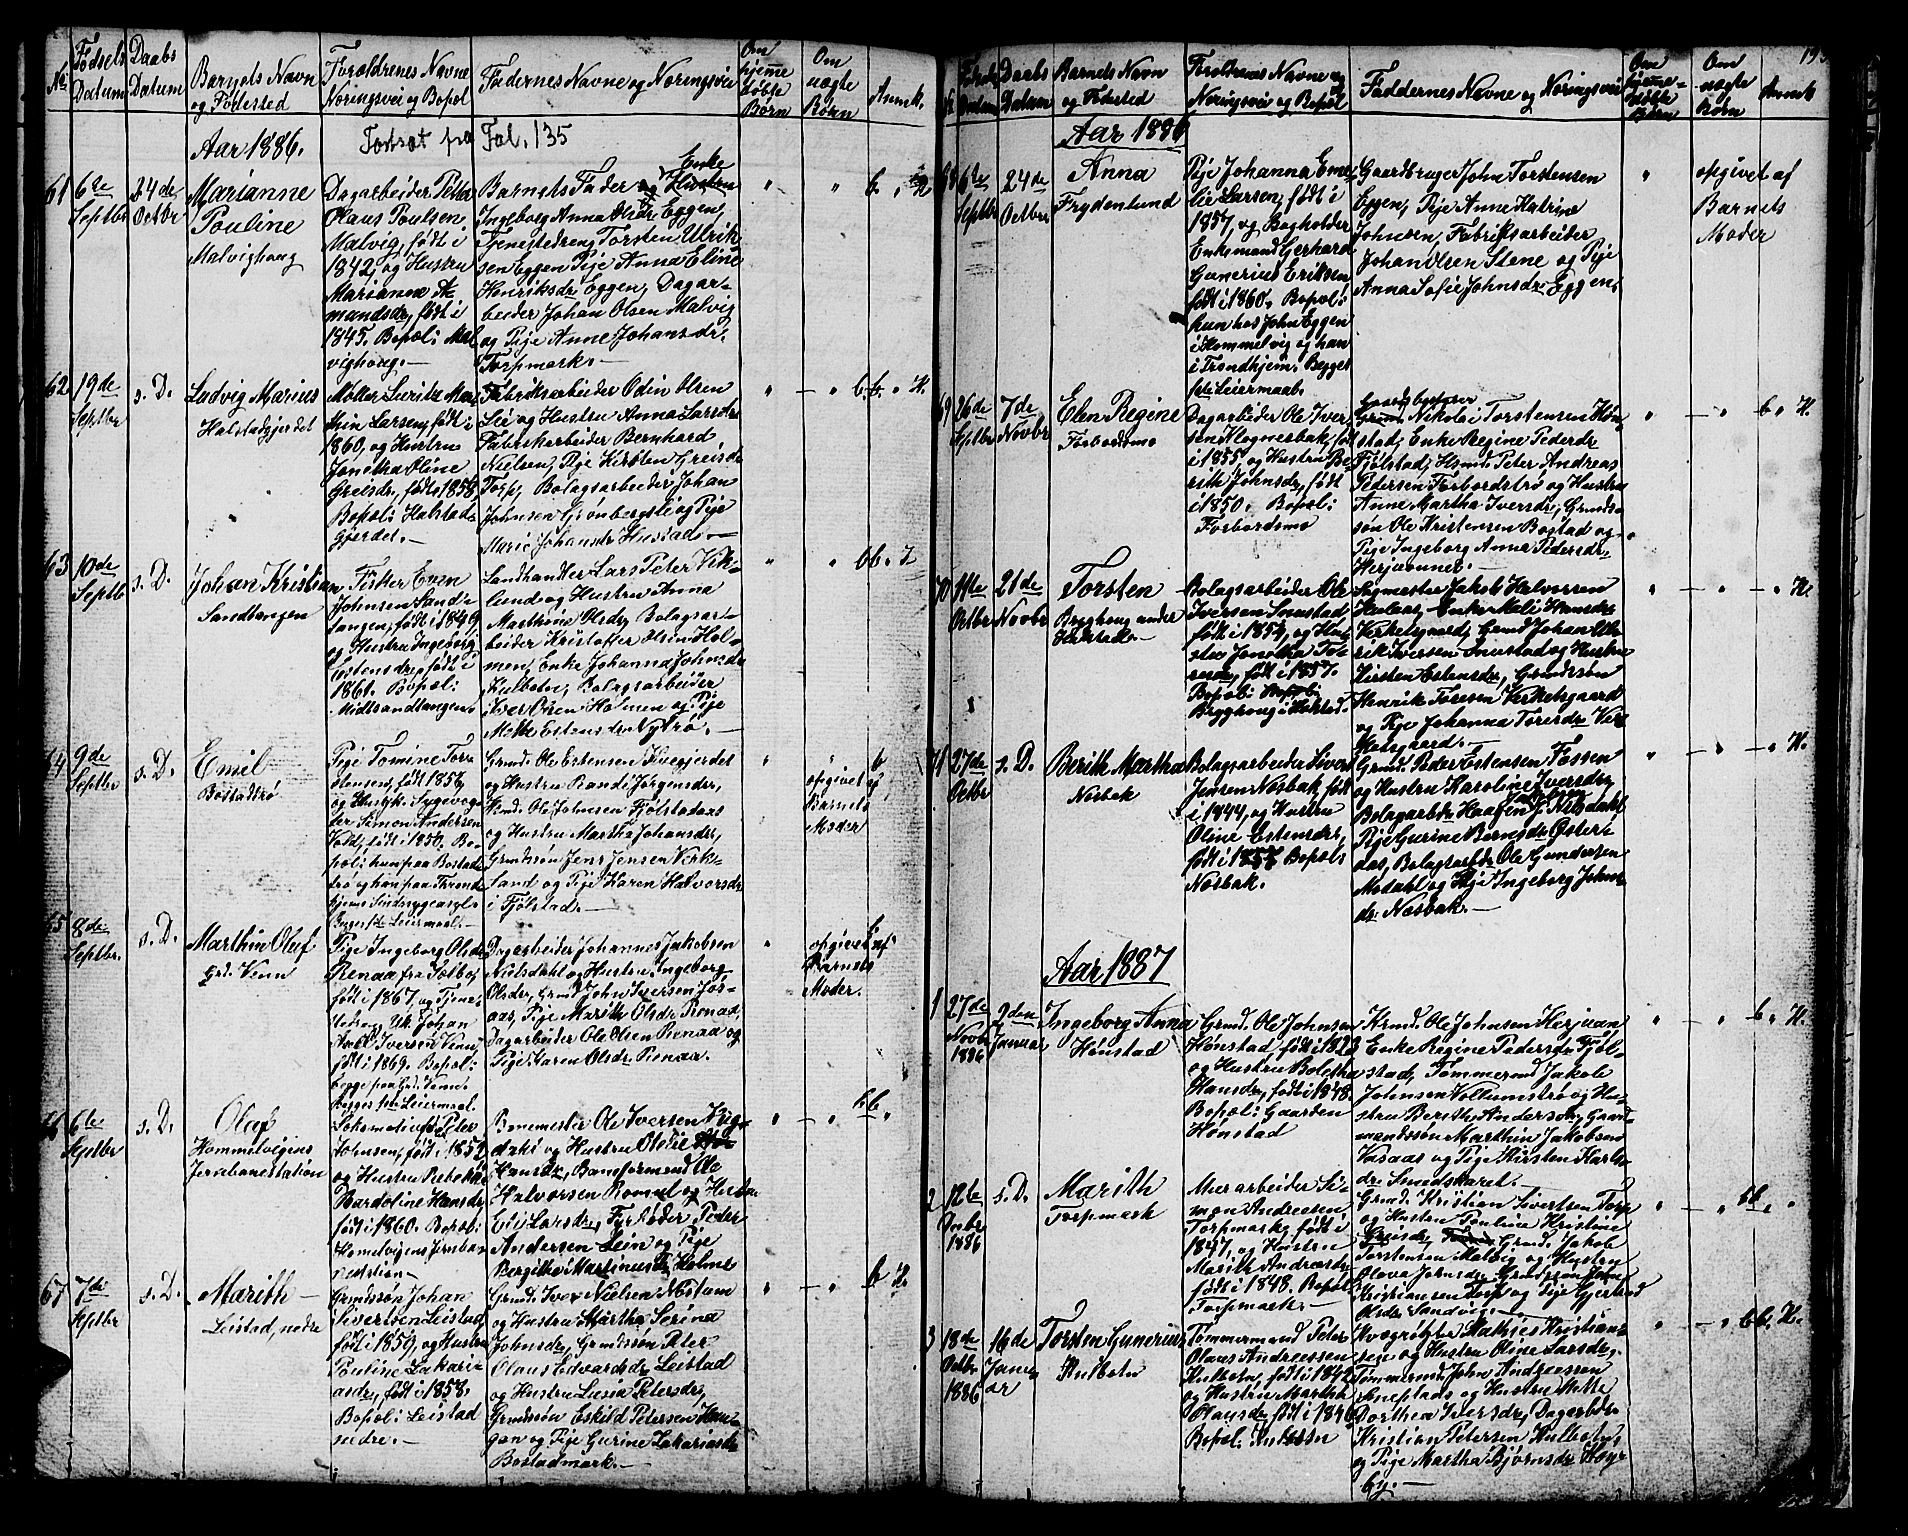 SAT, Ministerialprotokoller, klokkerbøker og fødselsregistre - Sør-Trøndelag, 616/L0422: Klokkerbok nr. 616C05, 1850-1888, s. 193